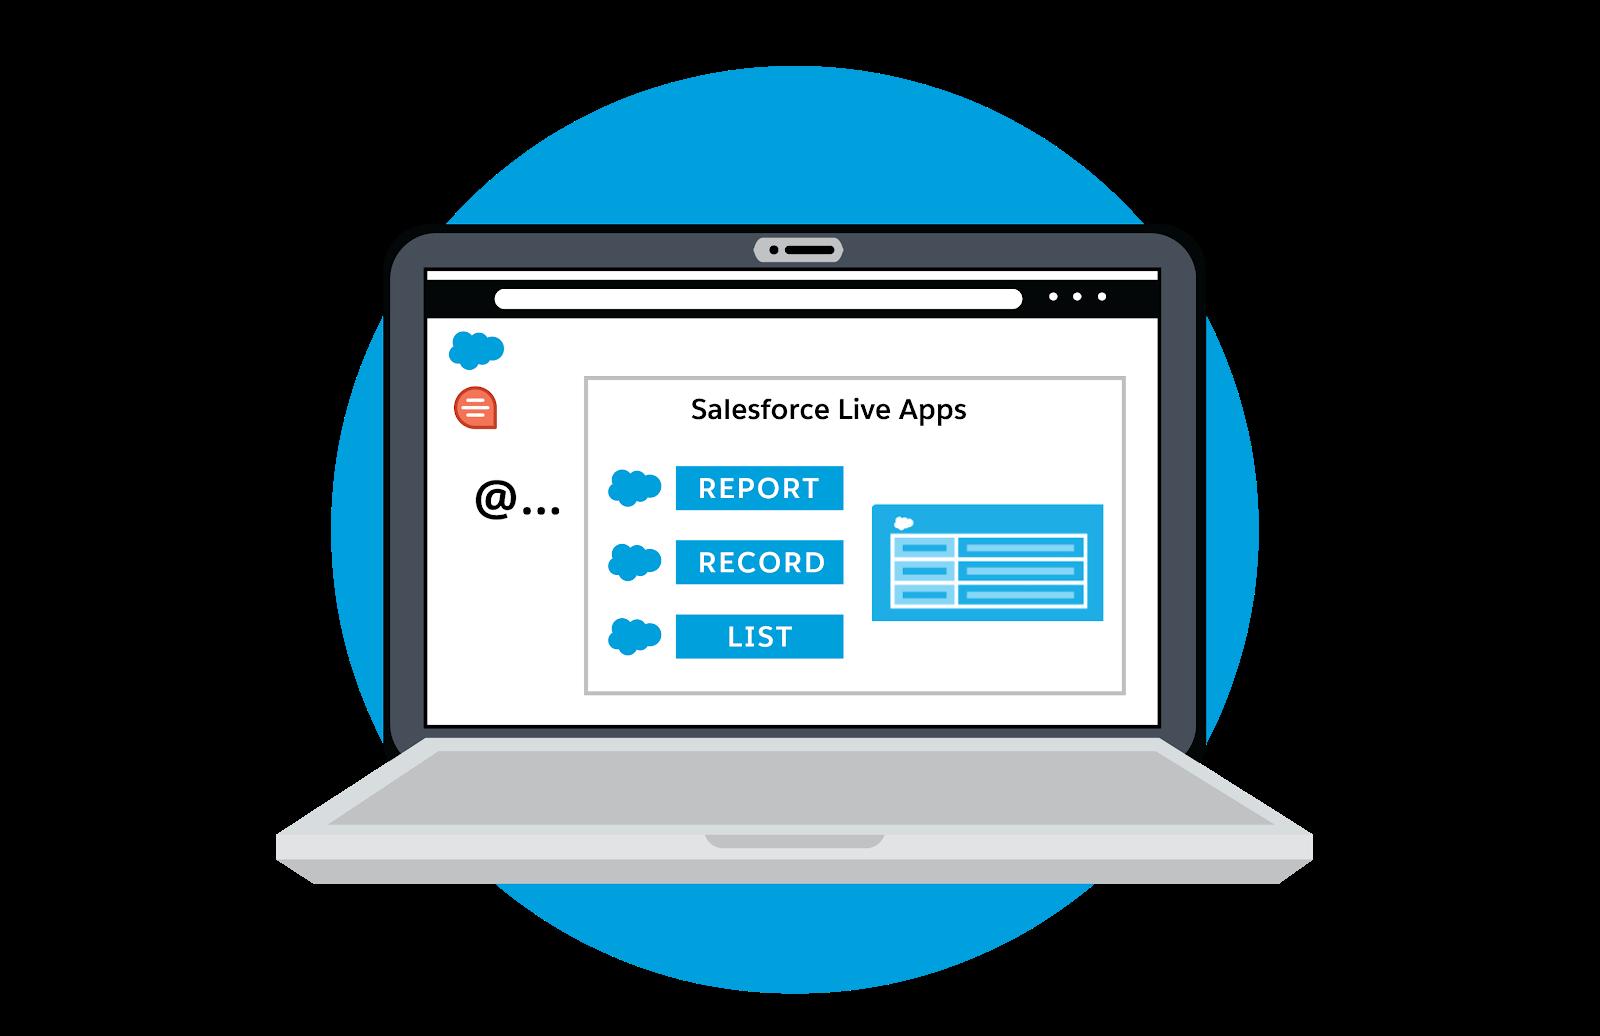 ユーザインターフェースに Salesforce ライブアプリケーション (レポート、レコード、リスト) が表示されているラップトップ。